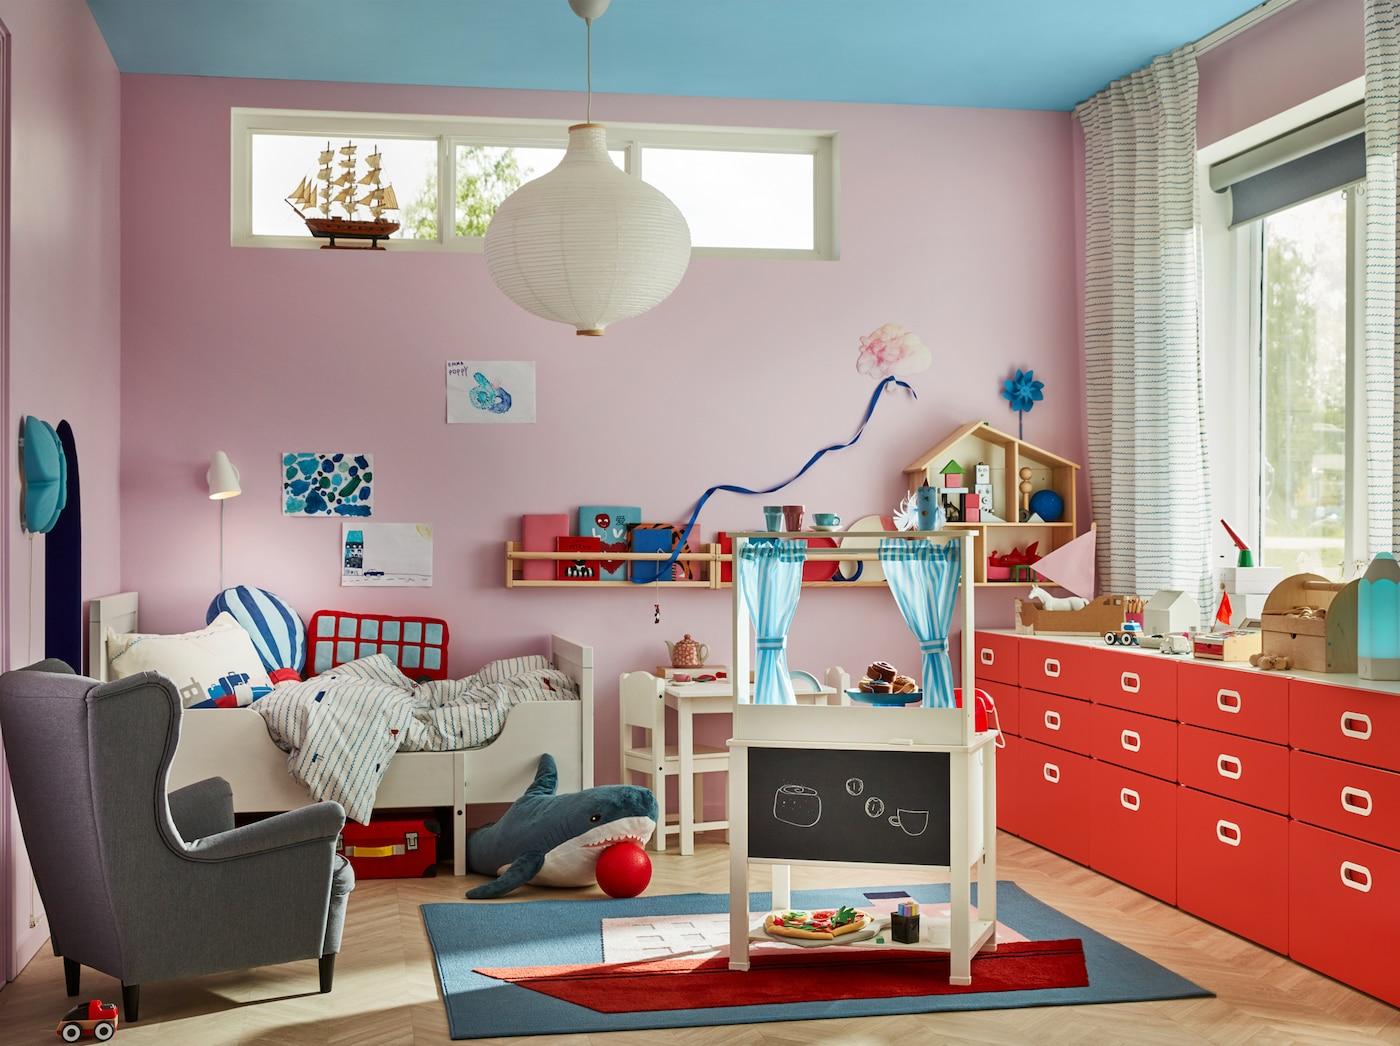 Dečja soba s kuhinjom igračkom s plavim zavesama, kao i školskom tablom, dečjom foteljom i tepihom sa šarom brodića.